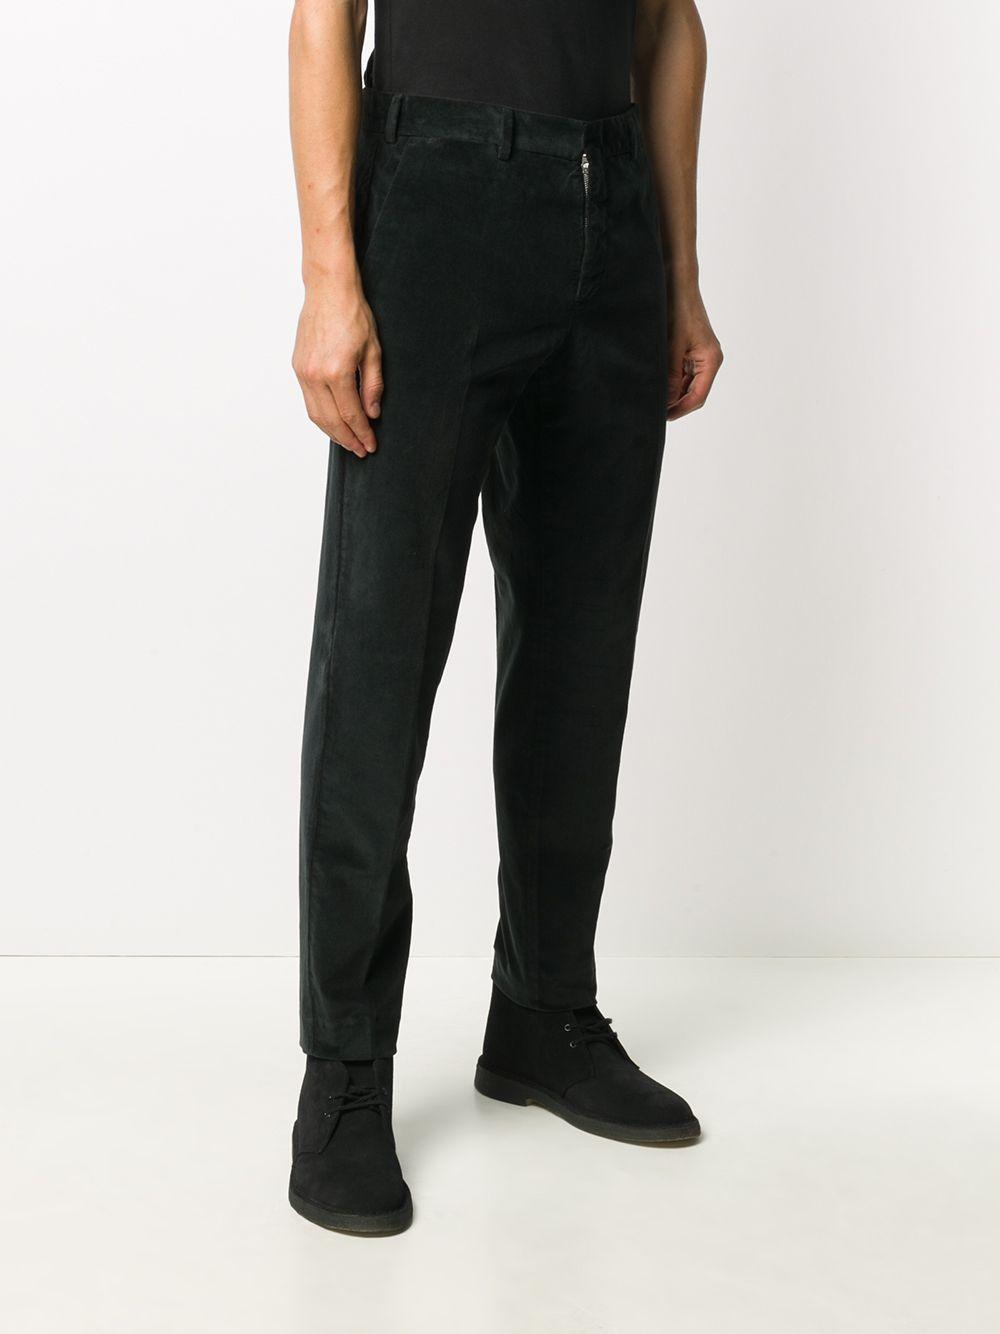 Black stretch cotton corduroy trousers  PT01 |  | CORTZ0Z00AND-TT270990